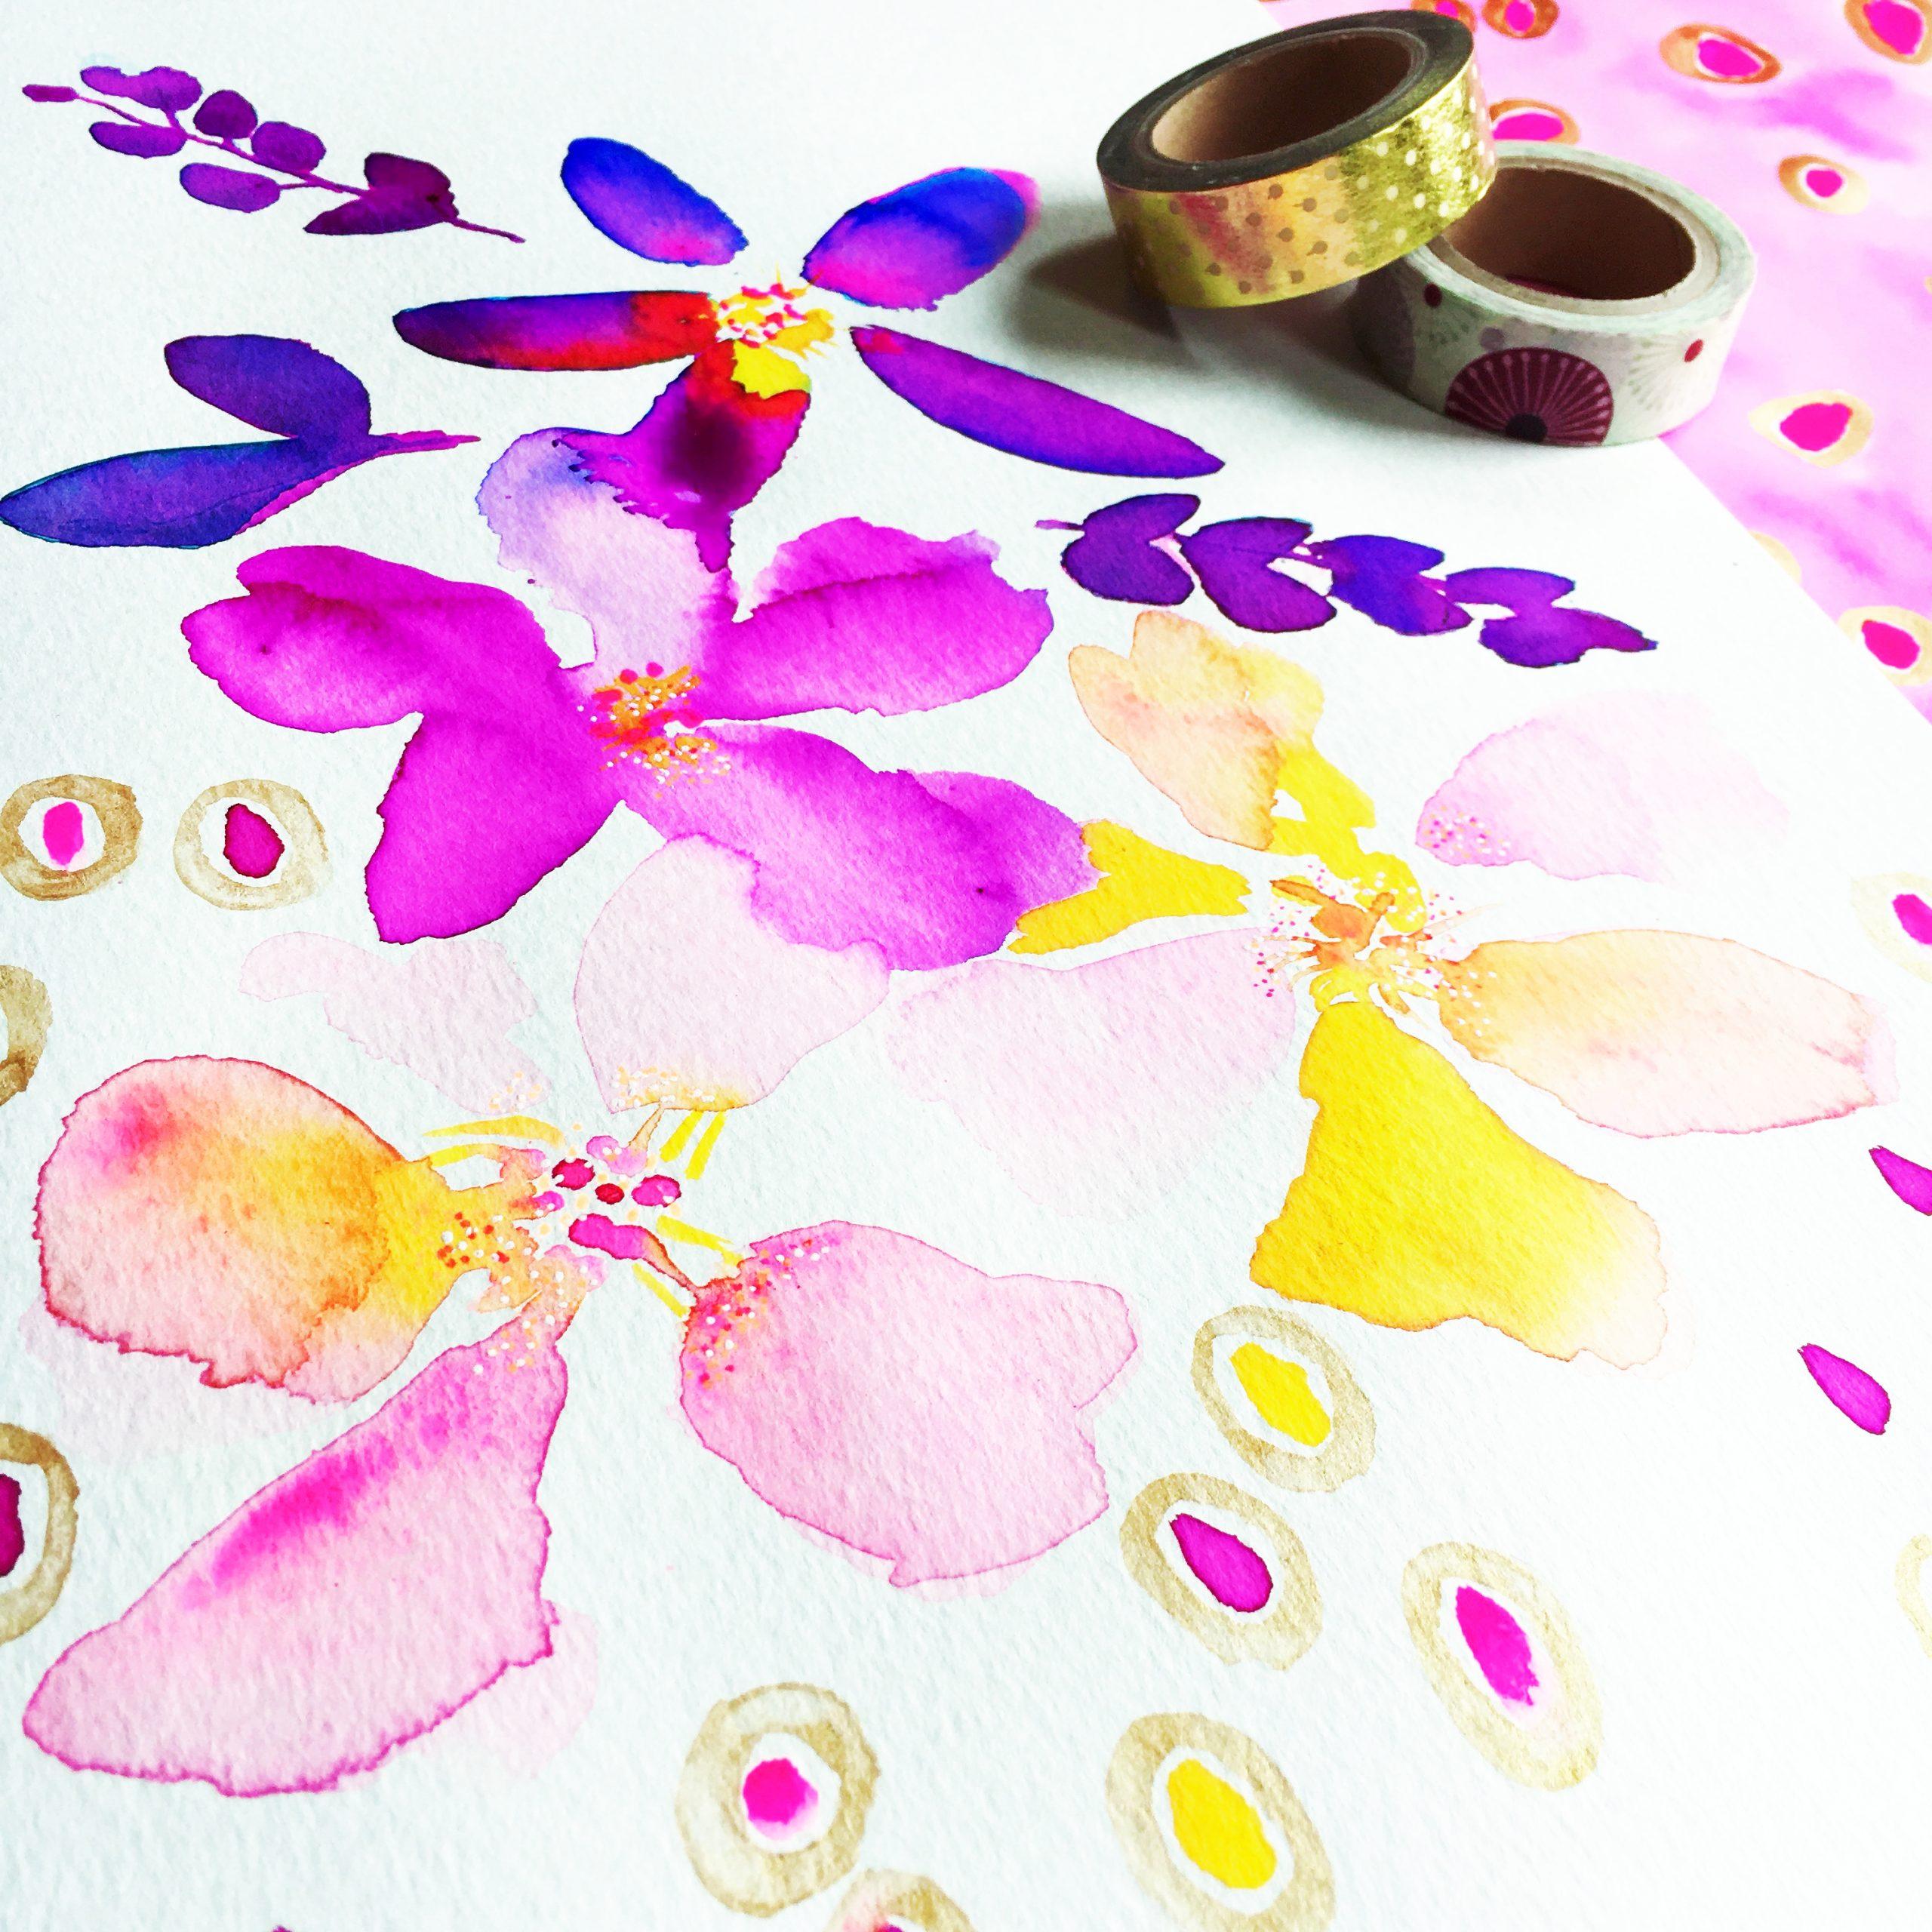 Blog post on LeAnne's Sweetsnsnarks blog